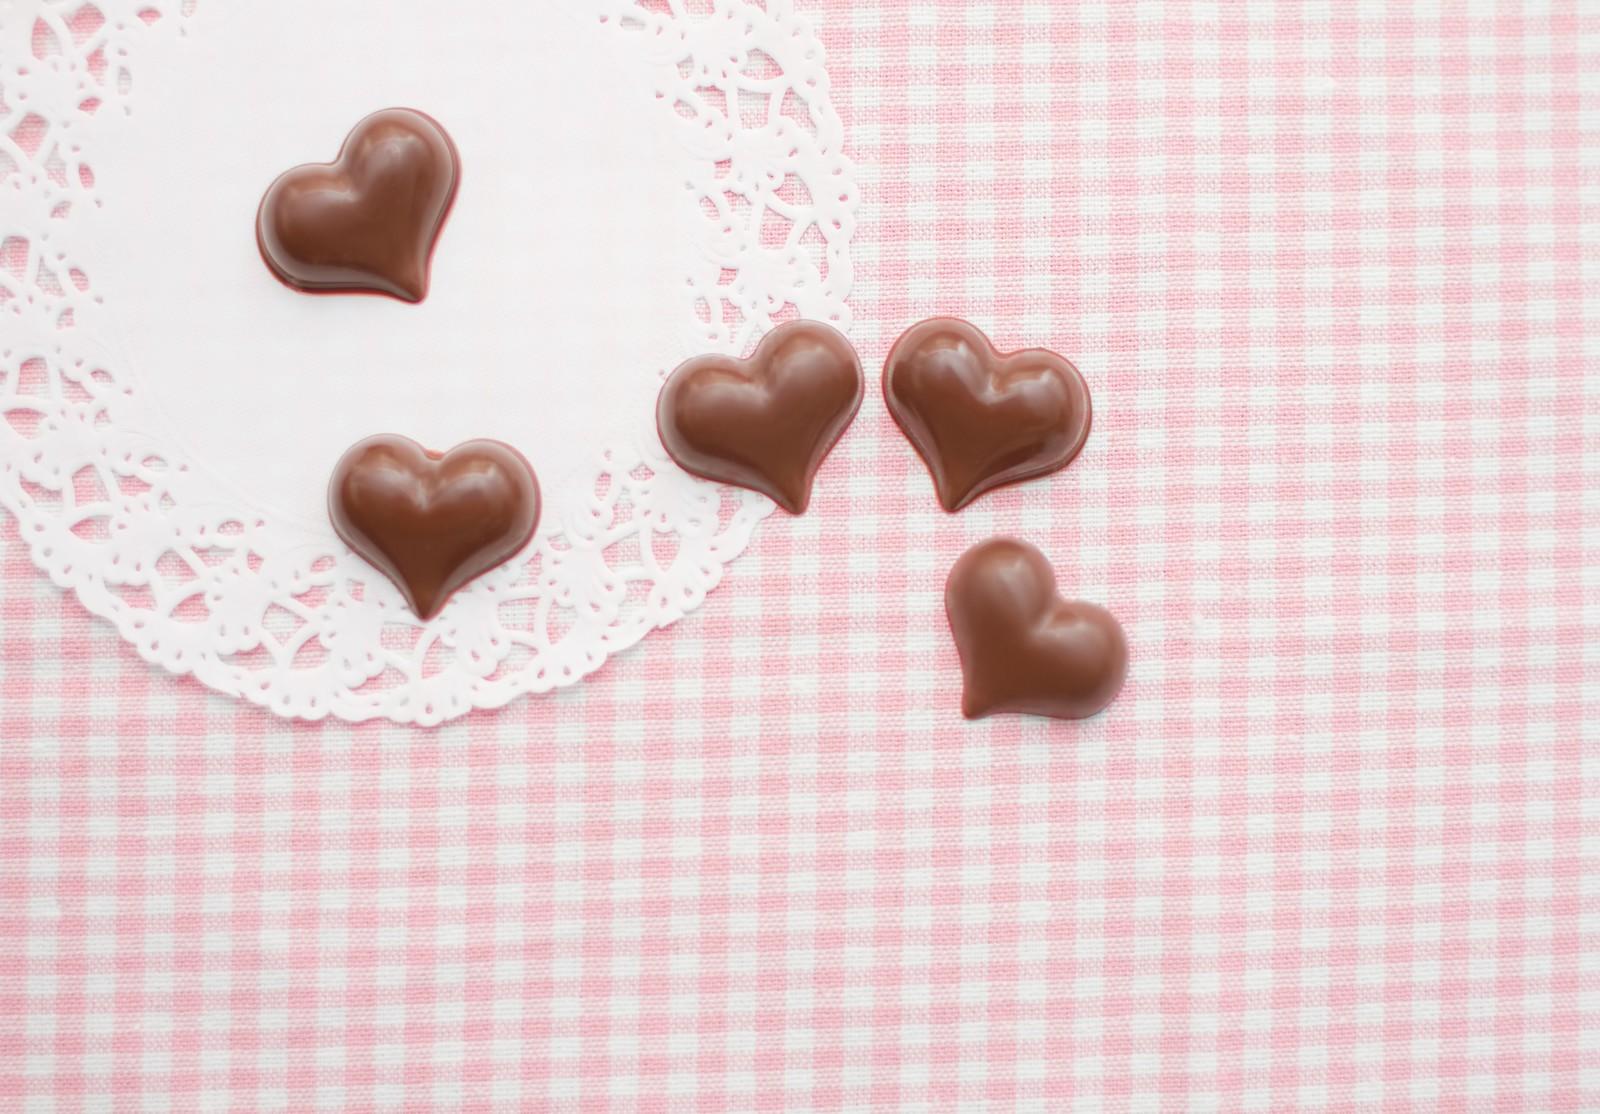 チョコと相性の良い意外な食材は?少し変わったおもしろバレンタイン!